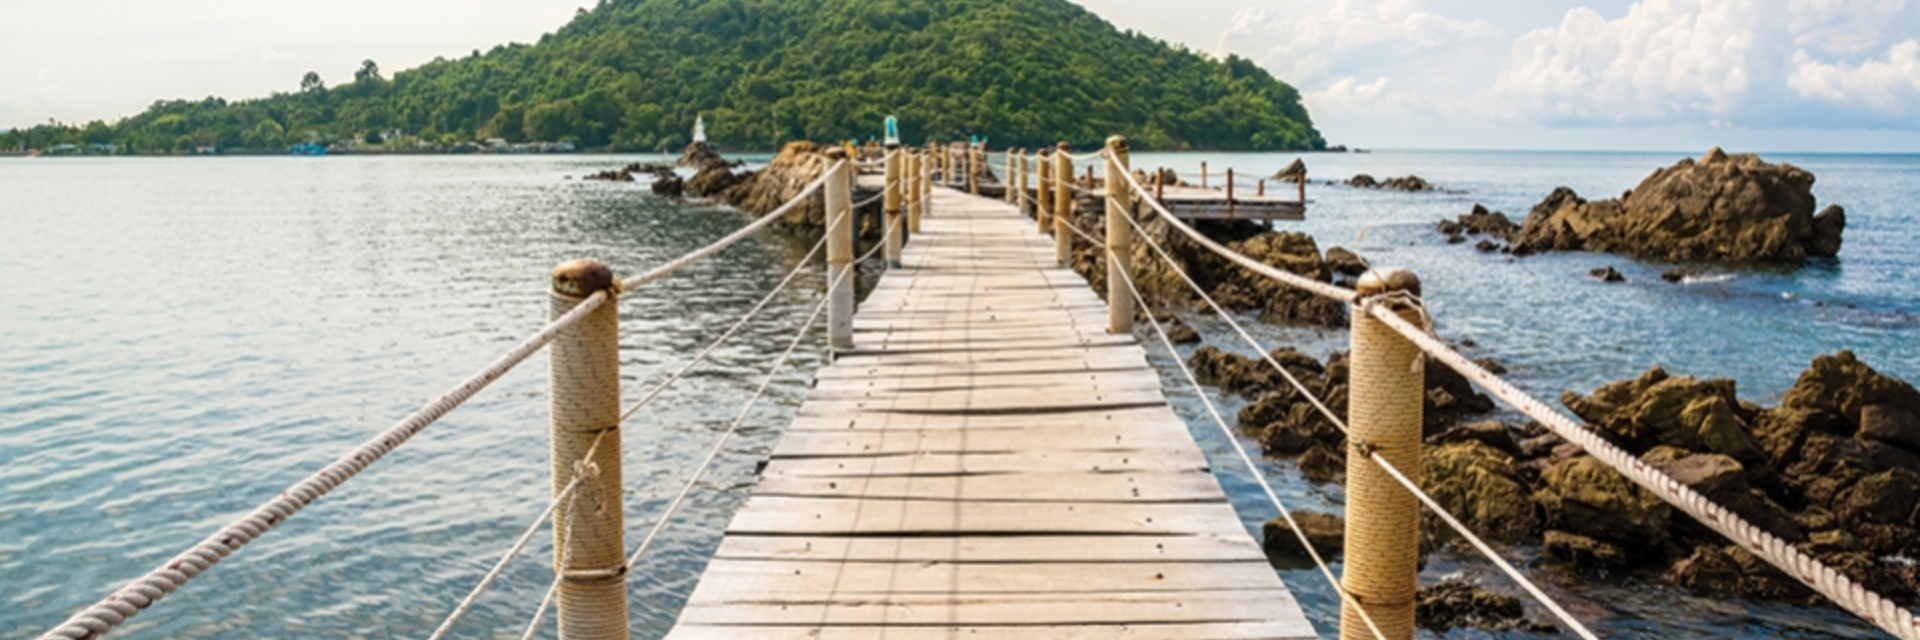 เดินสะพานไม้กลางทะเล ที่จุดชมวิวเจดีย์บ้านหัวแหลม จ.จันทบุรี